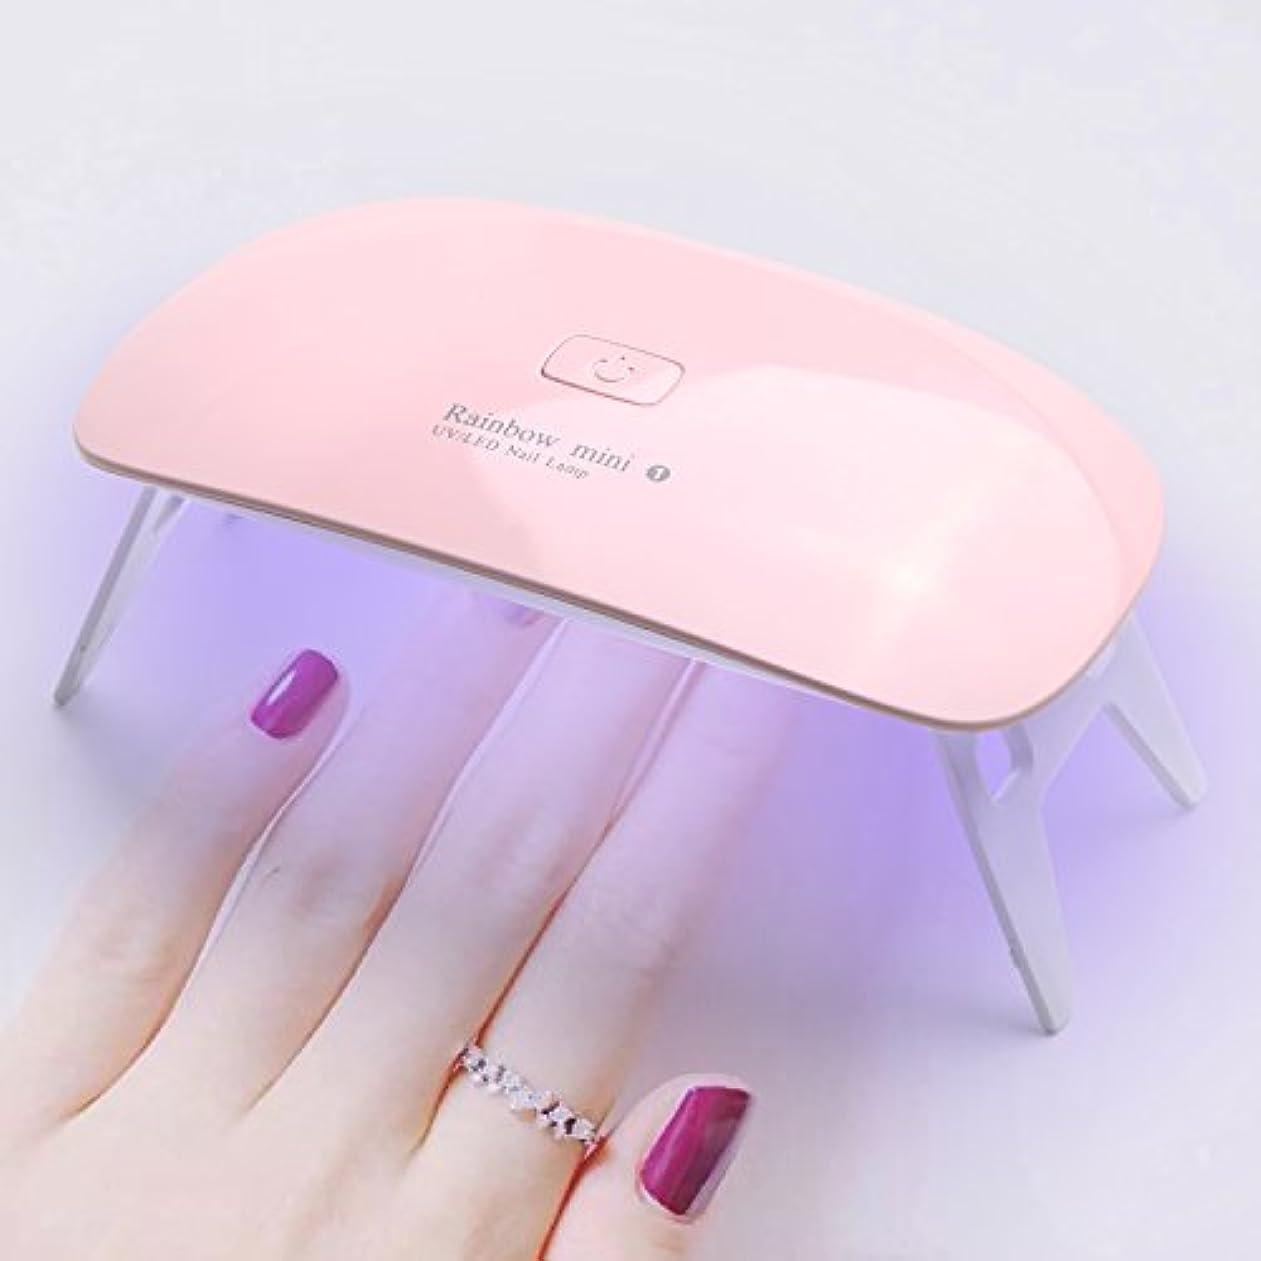 平らにする合わせて翻訳LEDネイルドライヤー AmoVee UVライト タイマー設定可能 折りたたみ式 ジェルネイル用 (pink)